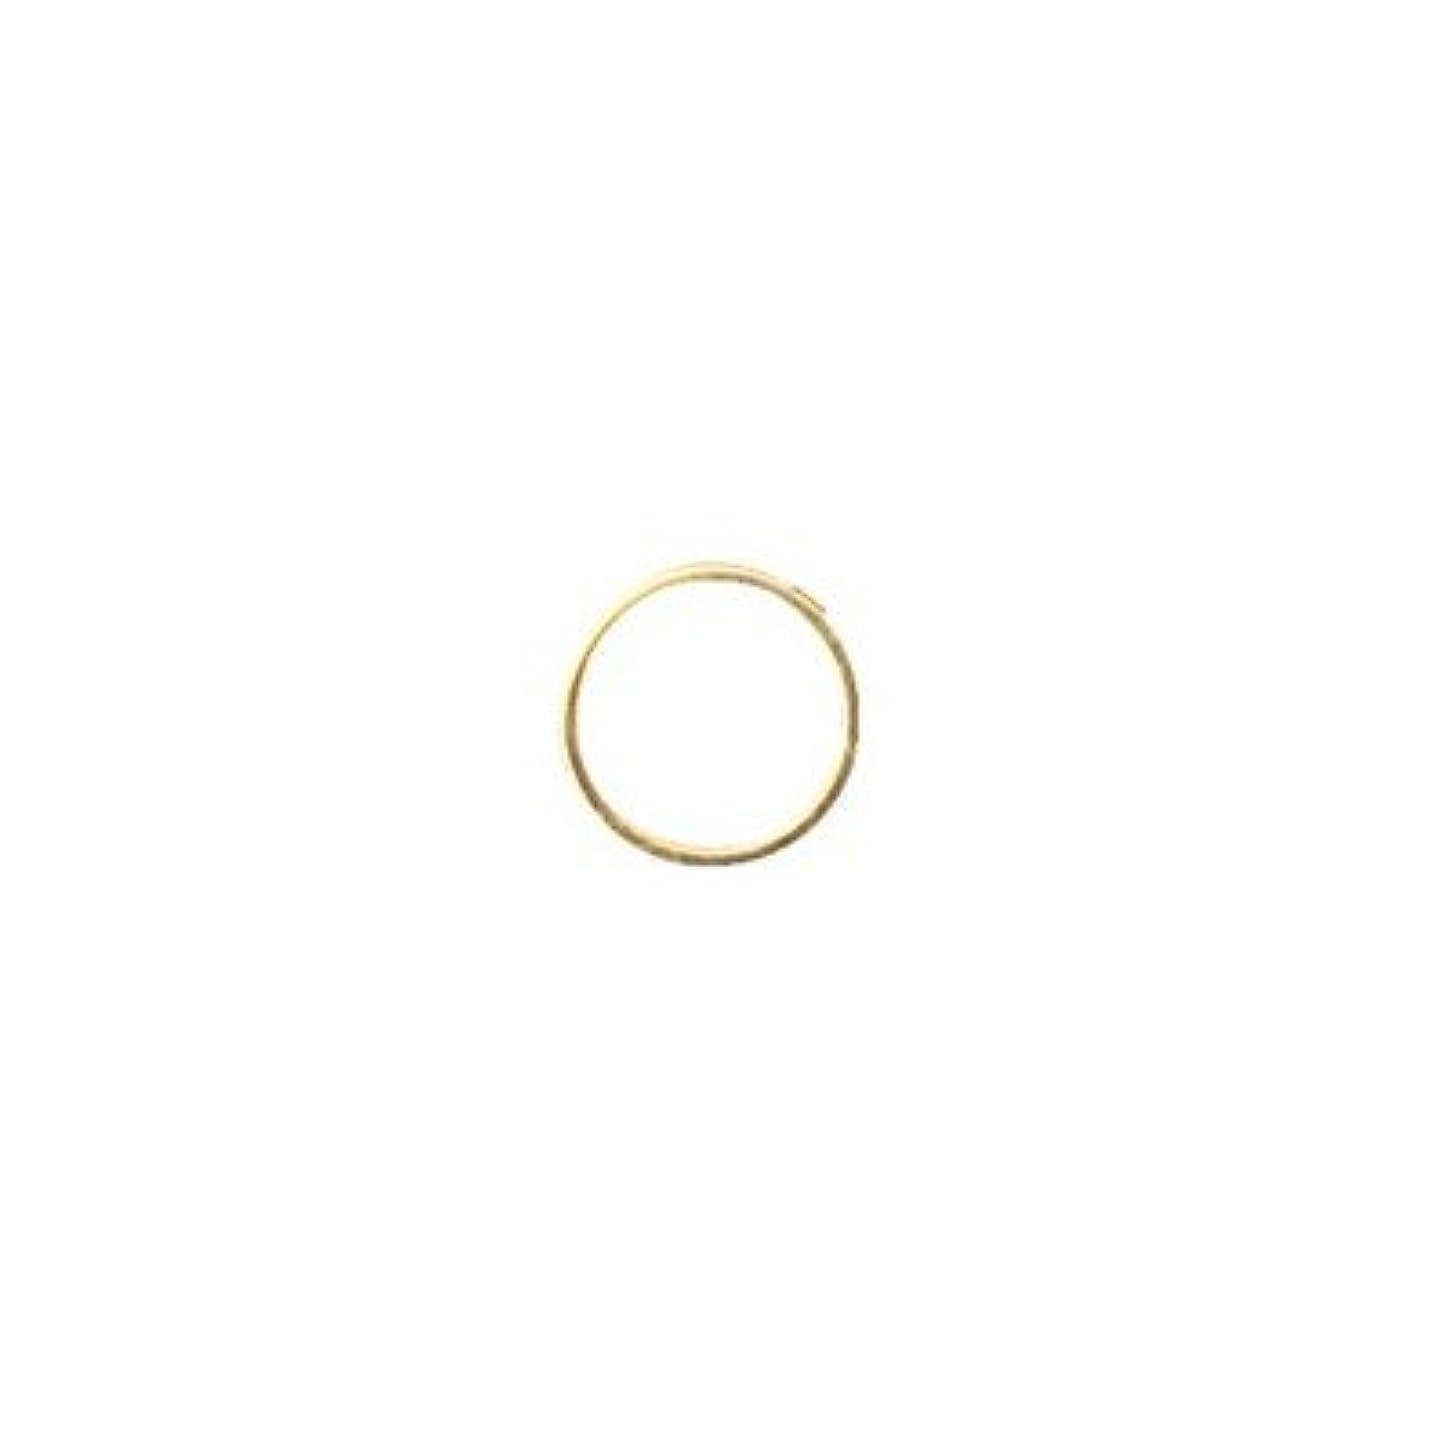 チャーミング剃る石炭シャレドワミュゼ BLC ブローチ ラウンド 5×5mm ゴールド 10p